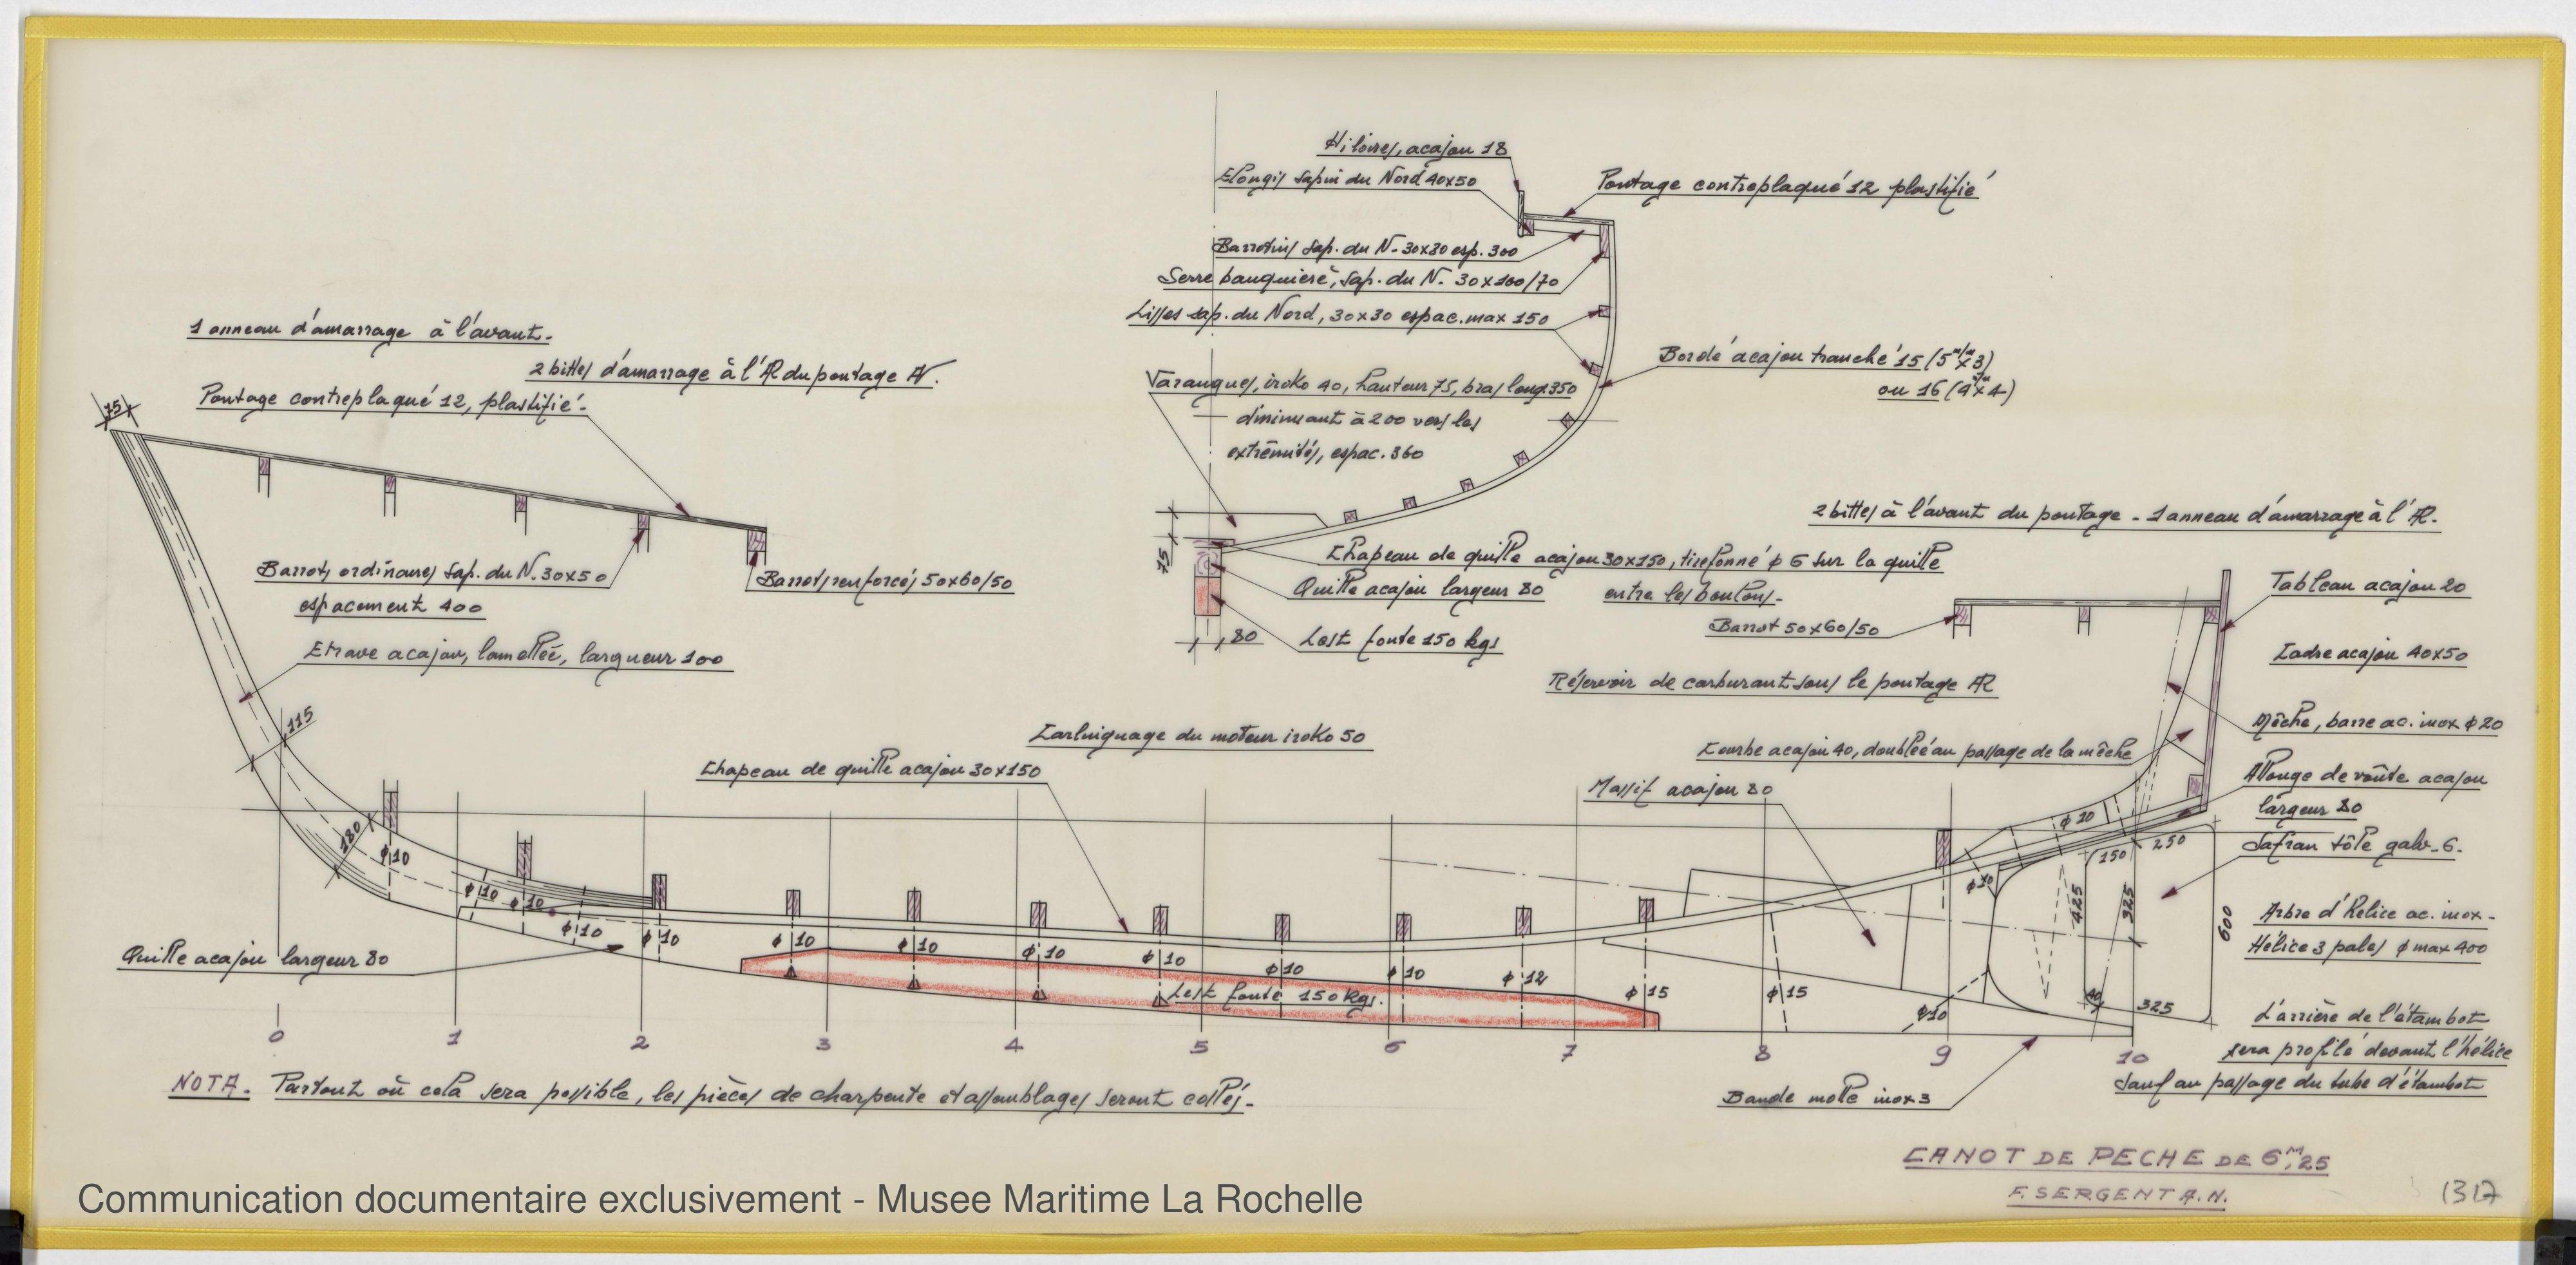 Canot de peche 6,25 m (1971)  Musée Maritime de La Rochelle ~ Plan De Bateau En Bois